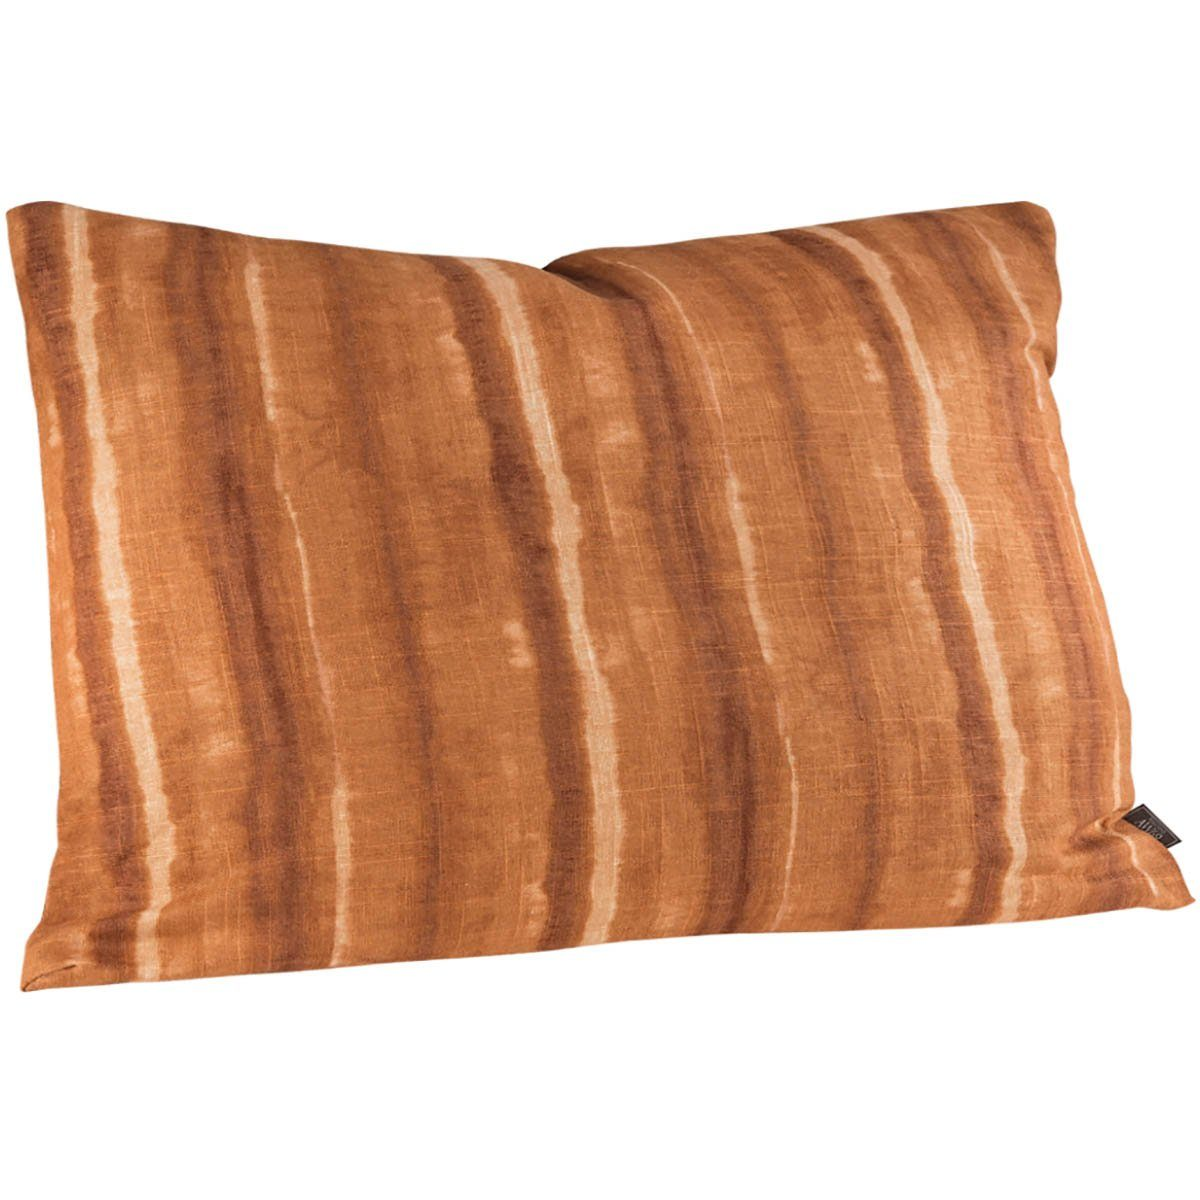 Tulane rust kuddfodral från ARtwood.